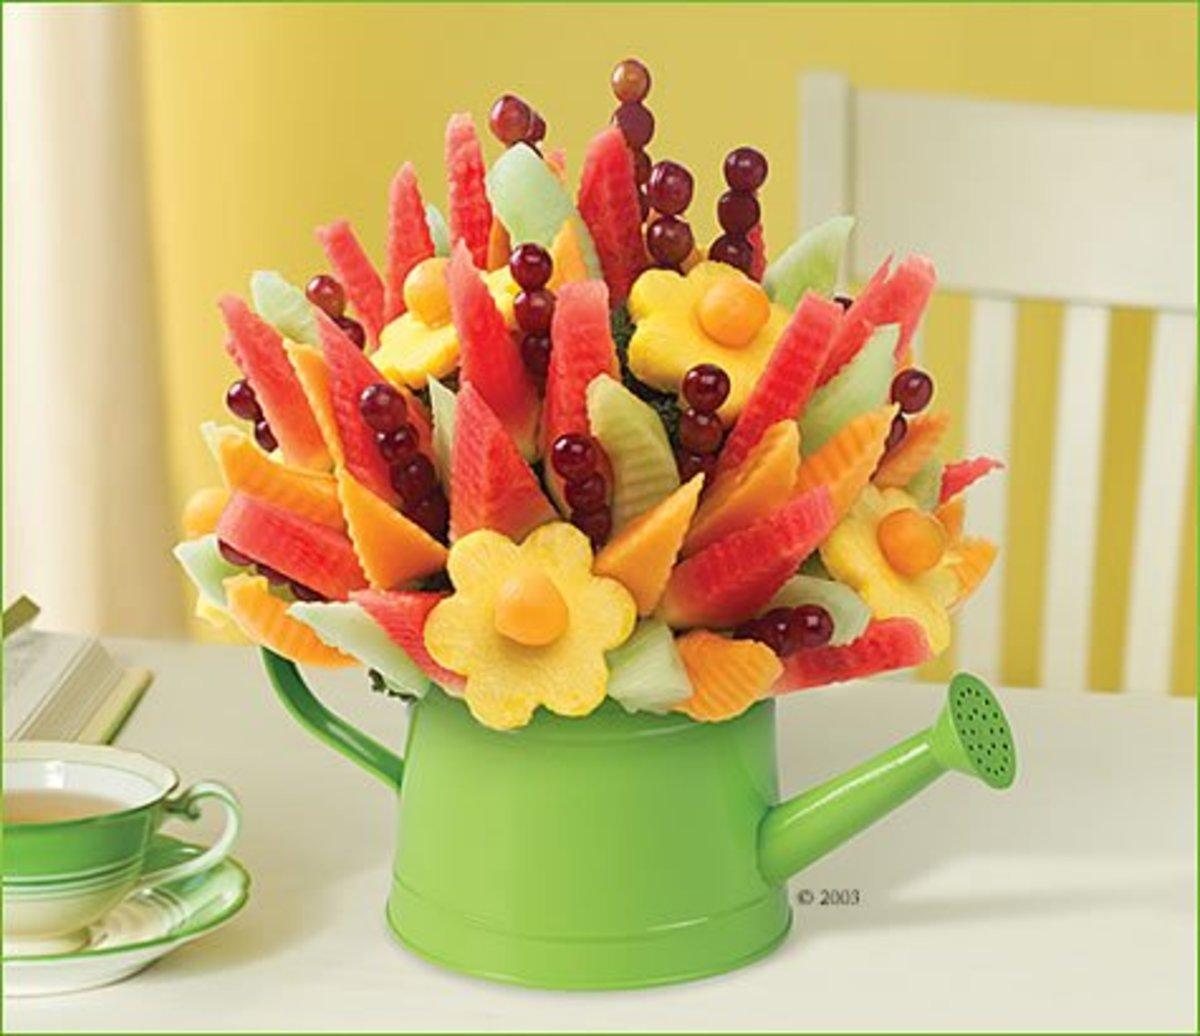 Fruit Bouquet from Edible Arrangements